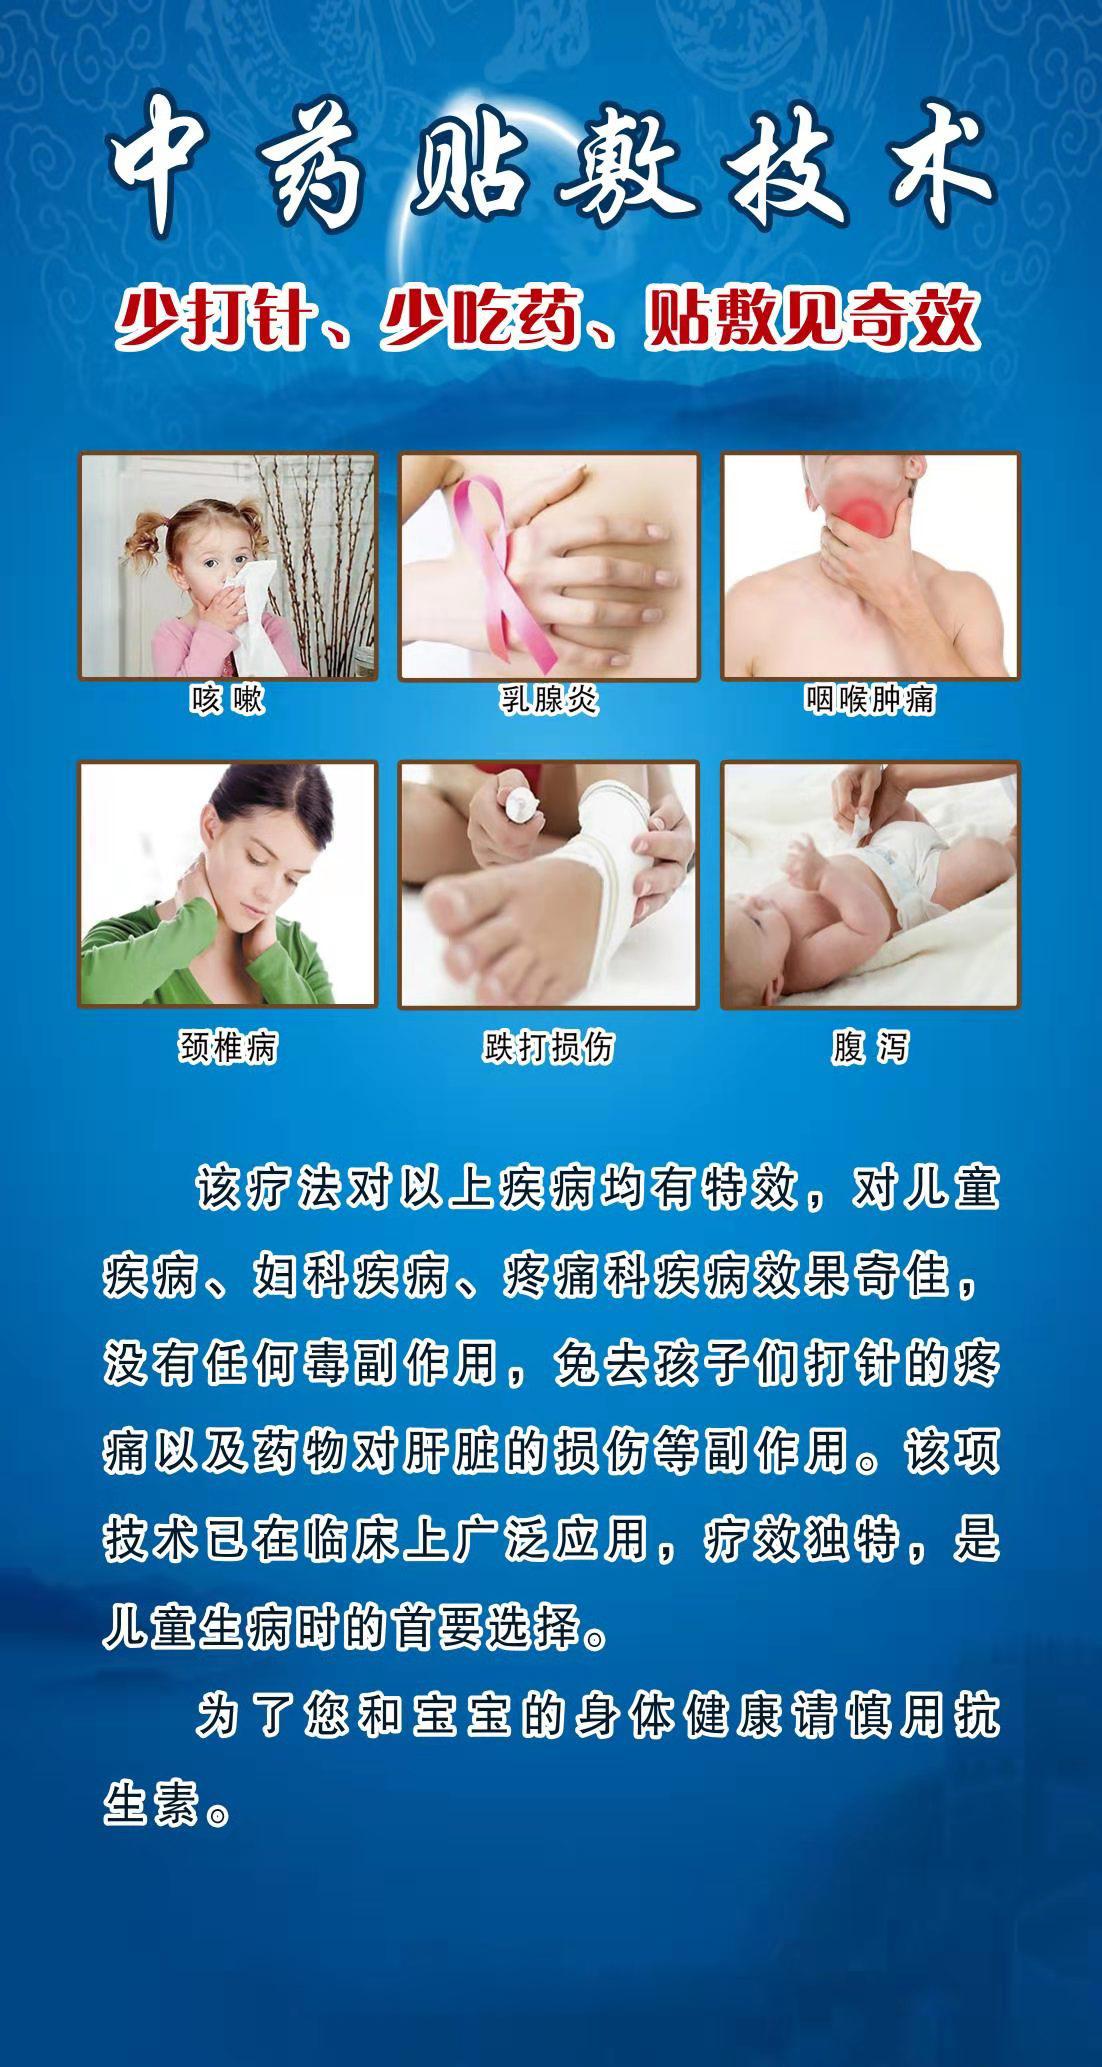 中國醫藥教育協會骨質疾病專業委員會 常委